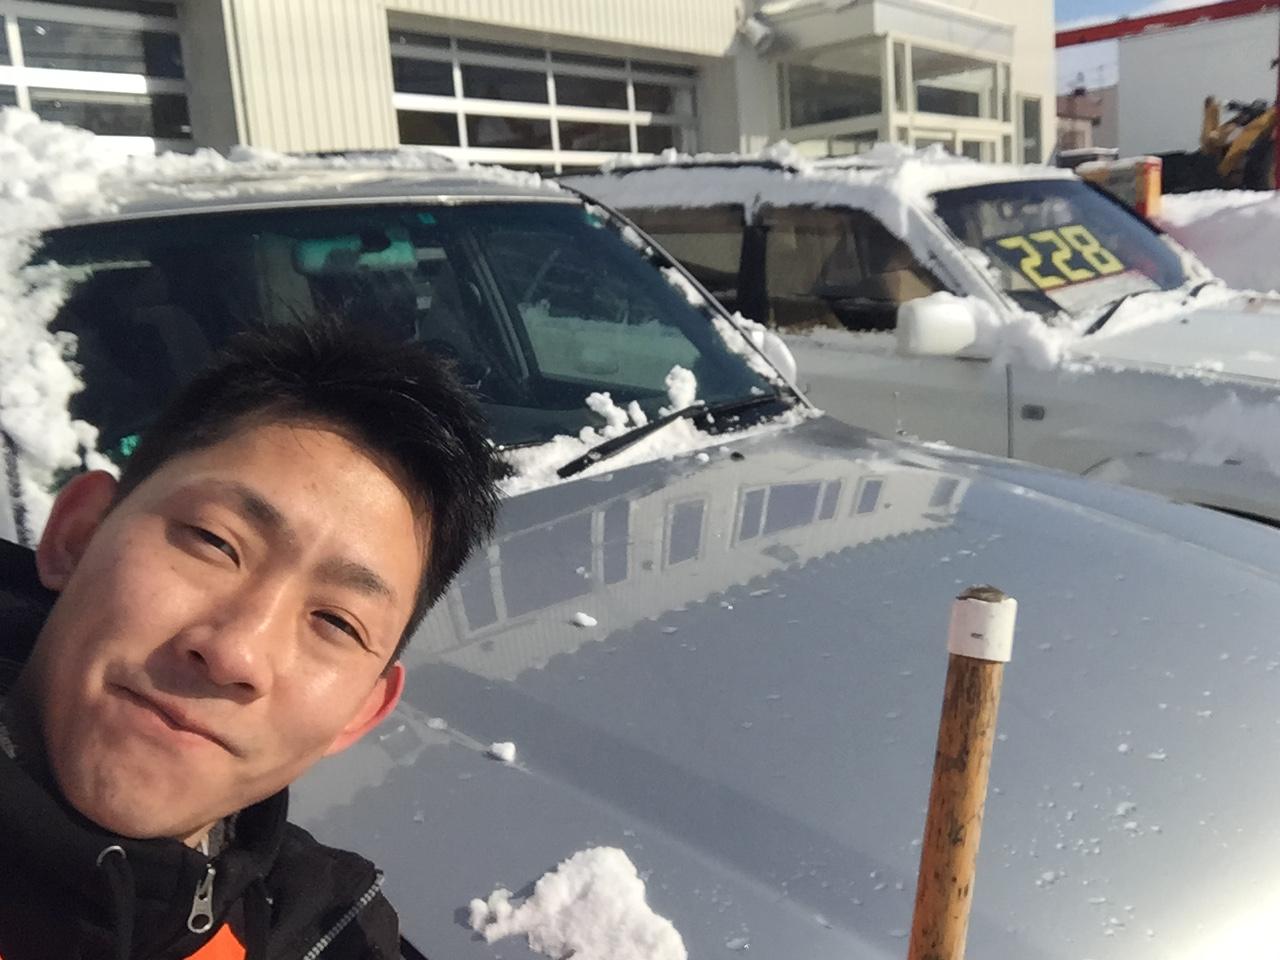 12月6日 水曜日のひとログ(。・Д・)ゞ 除雪車リース承り〼★ご相談もお気軽に!TOMMY_b0127002_1741083.jpg